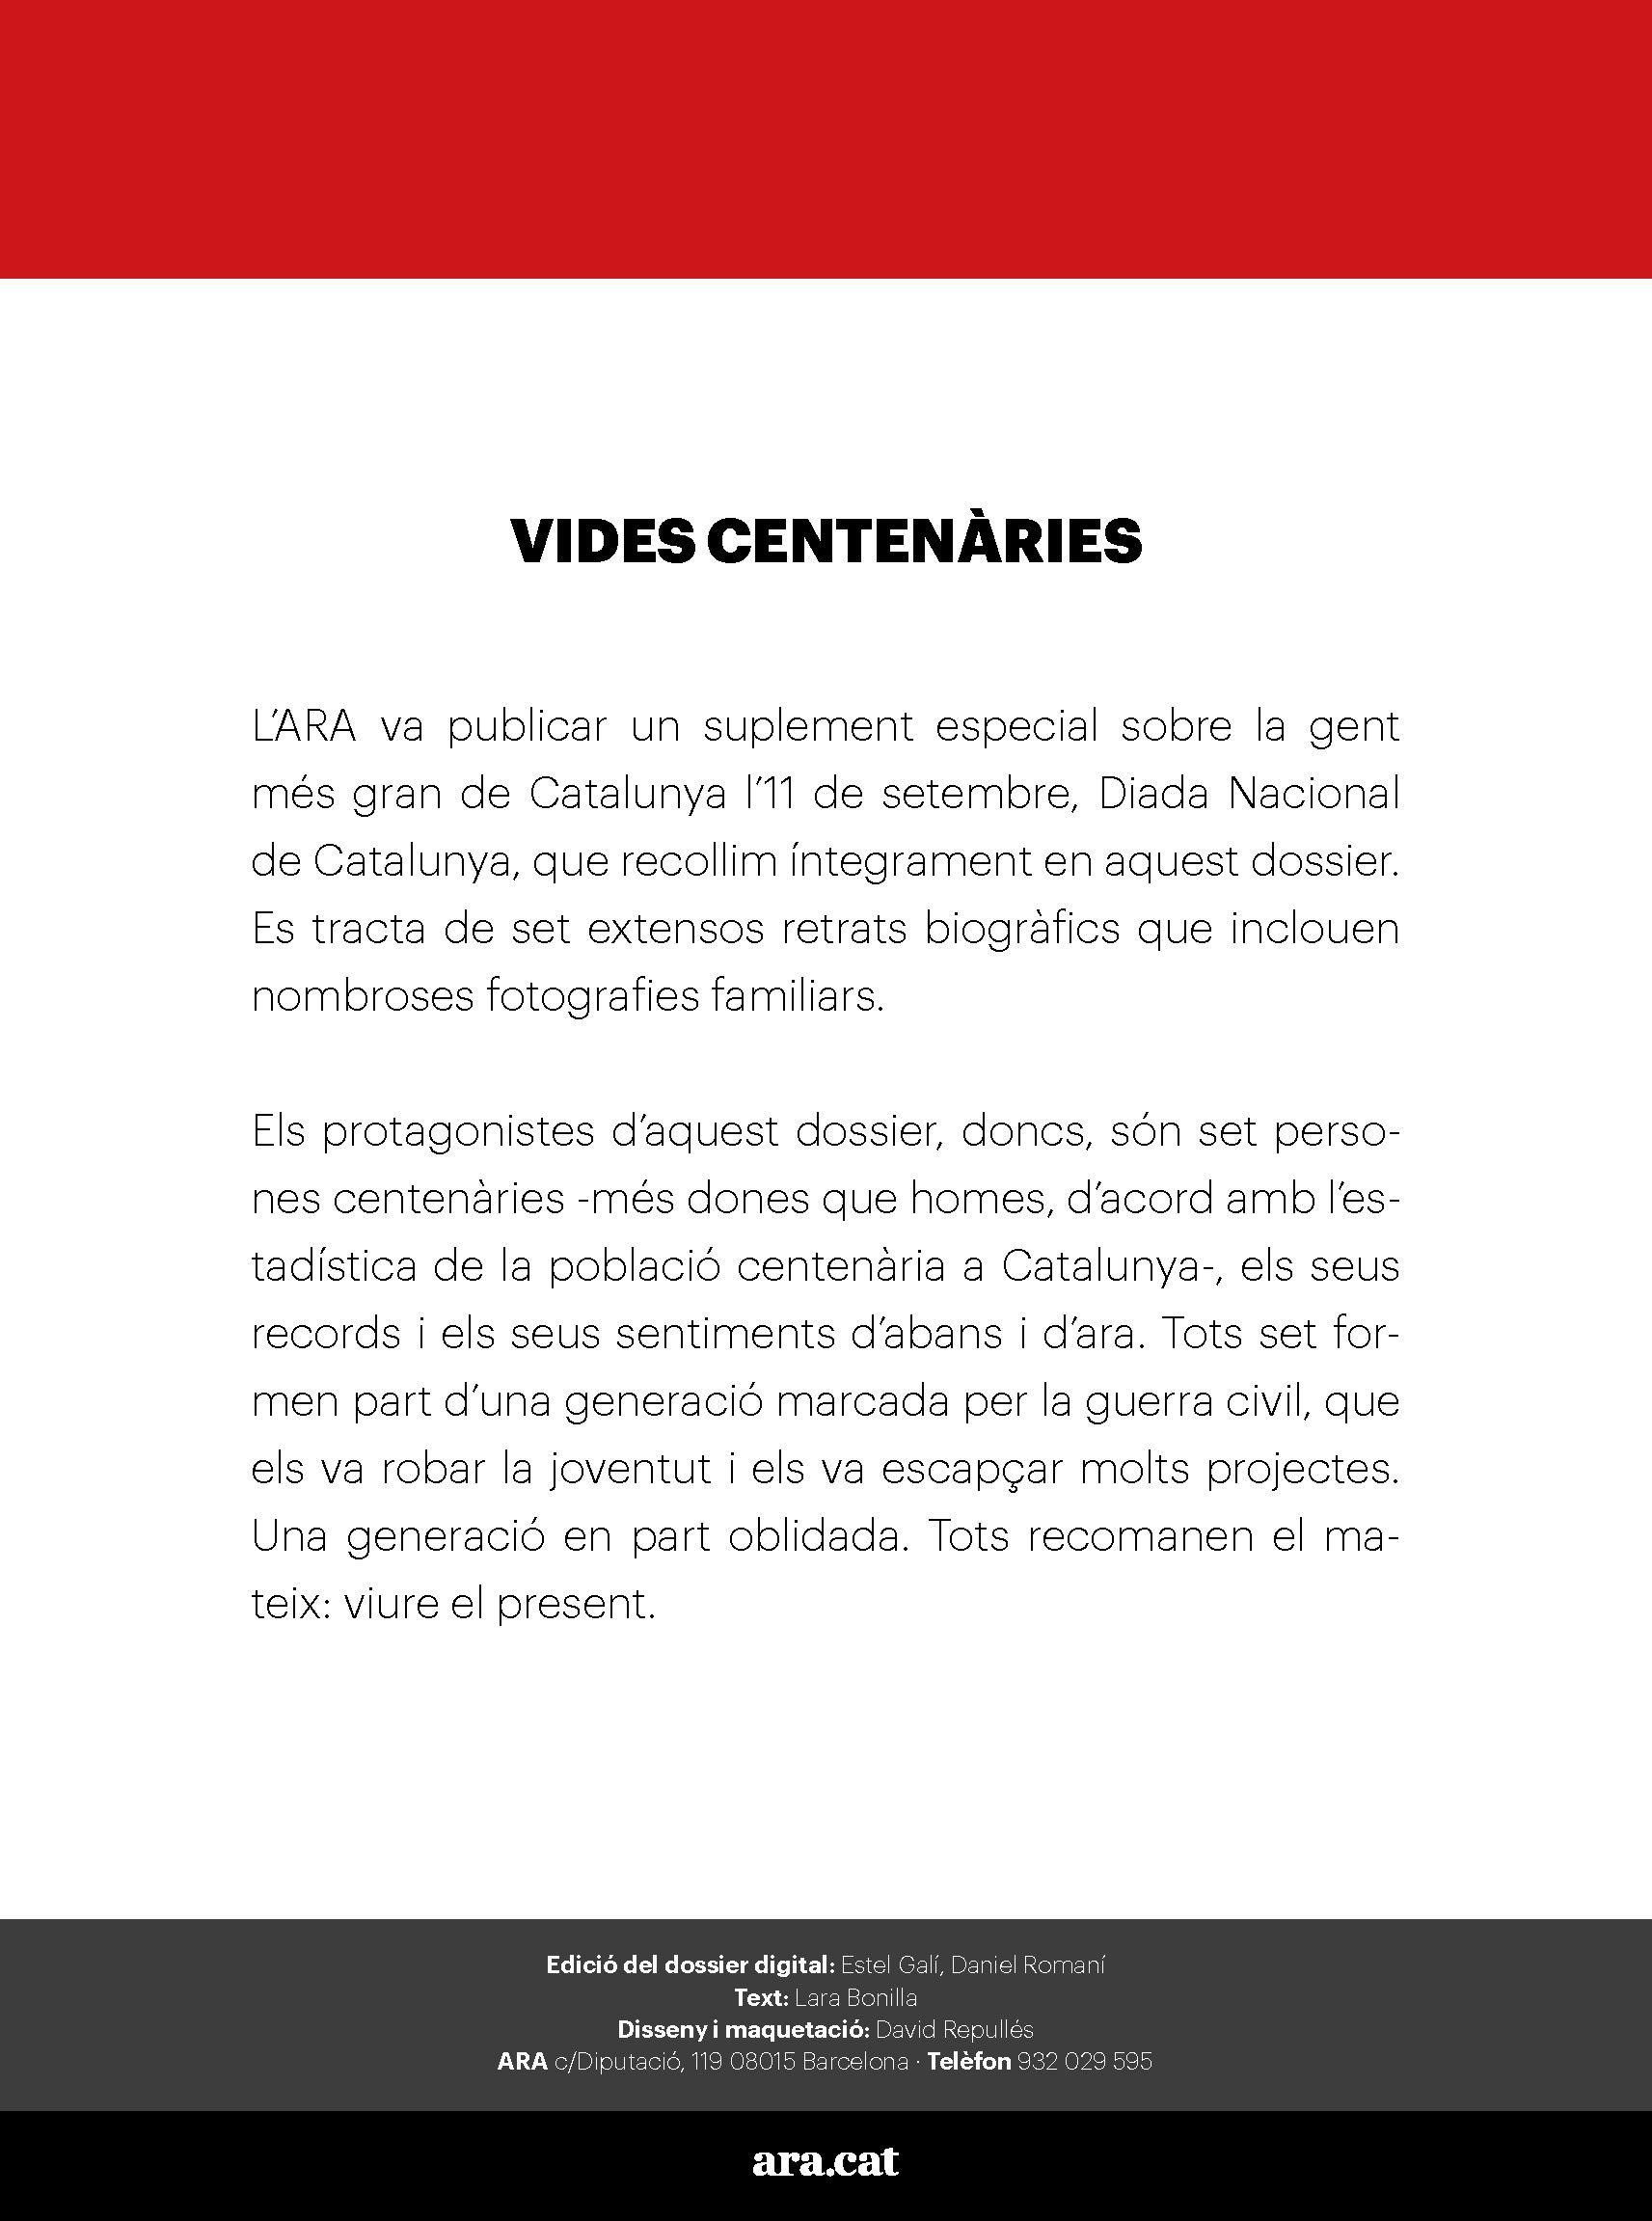 Un segle de vida quotidiana a Catalunya 1